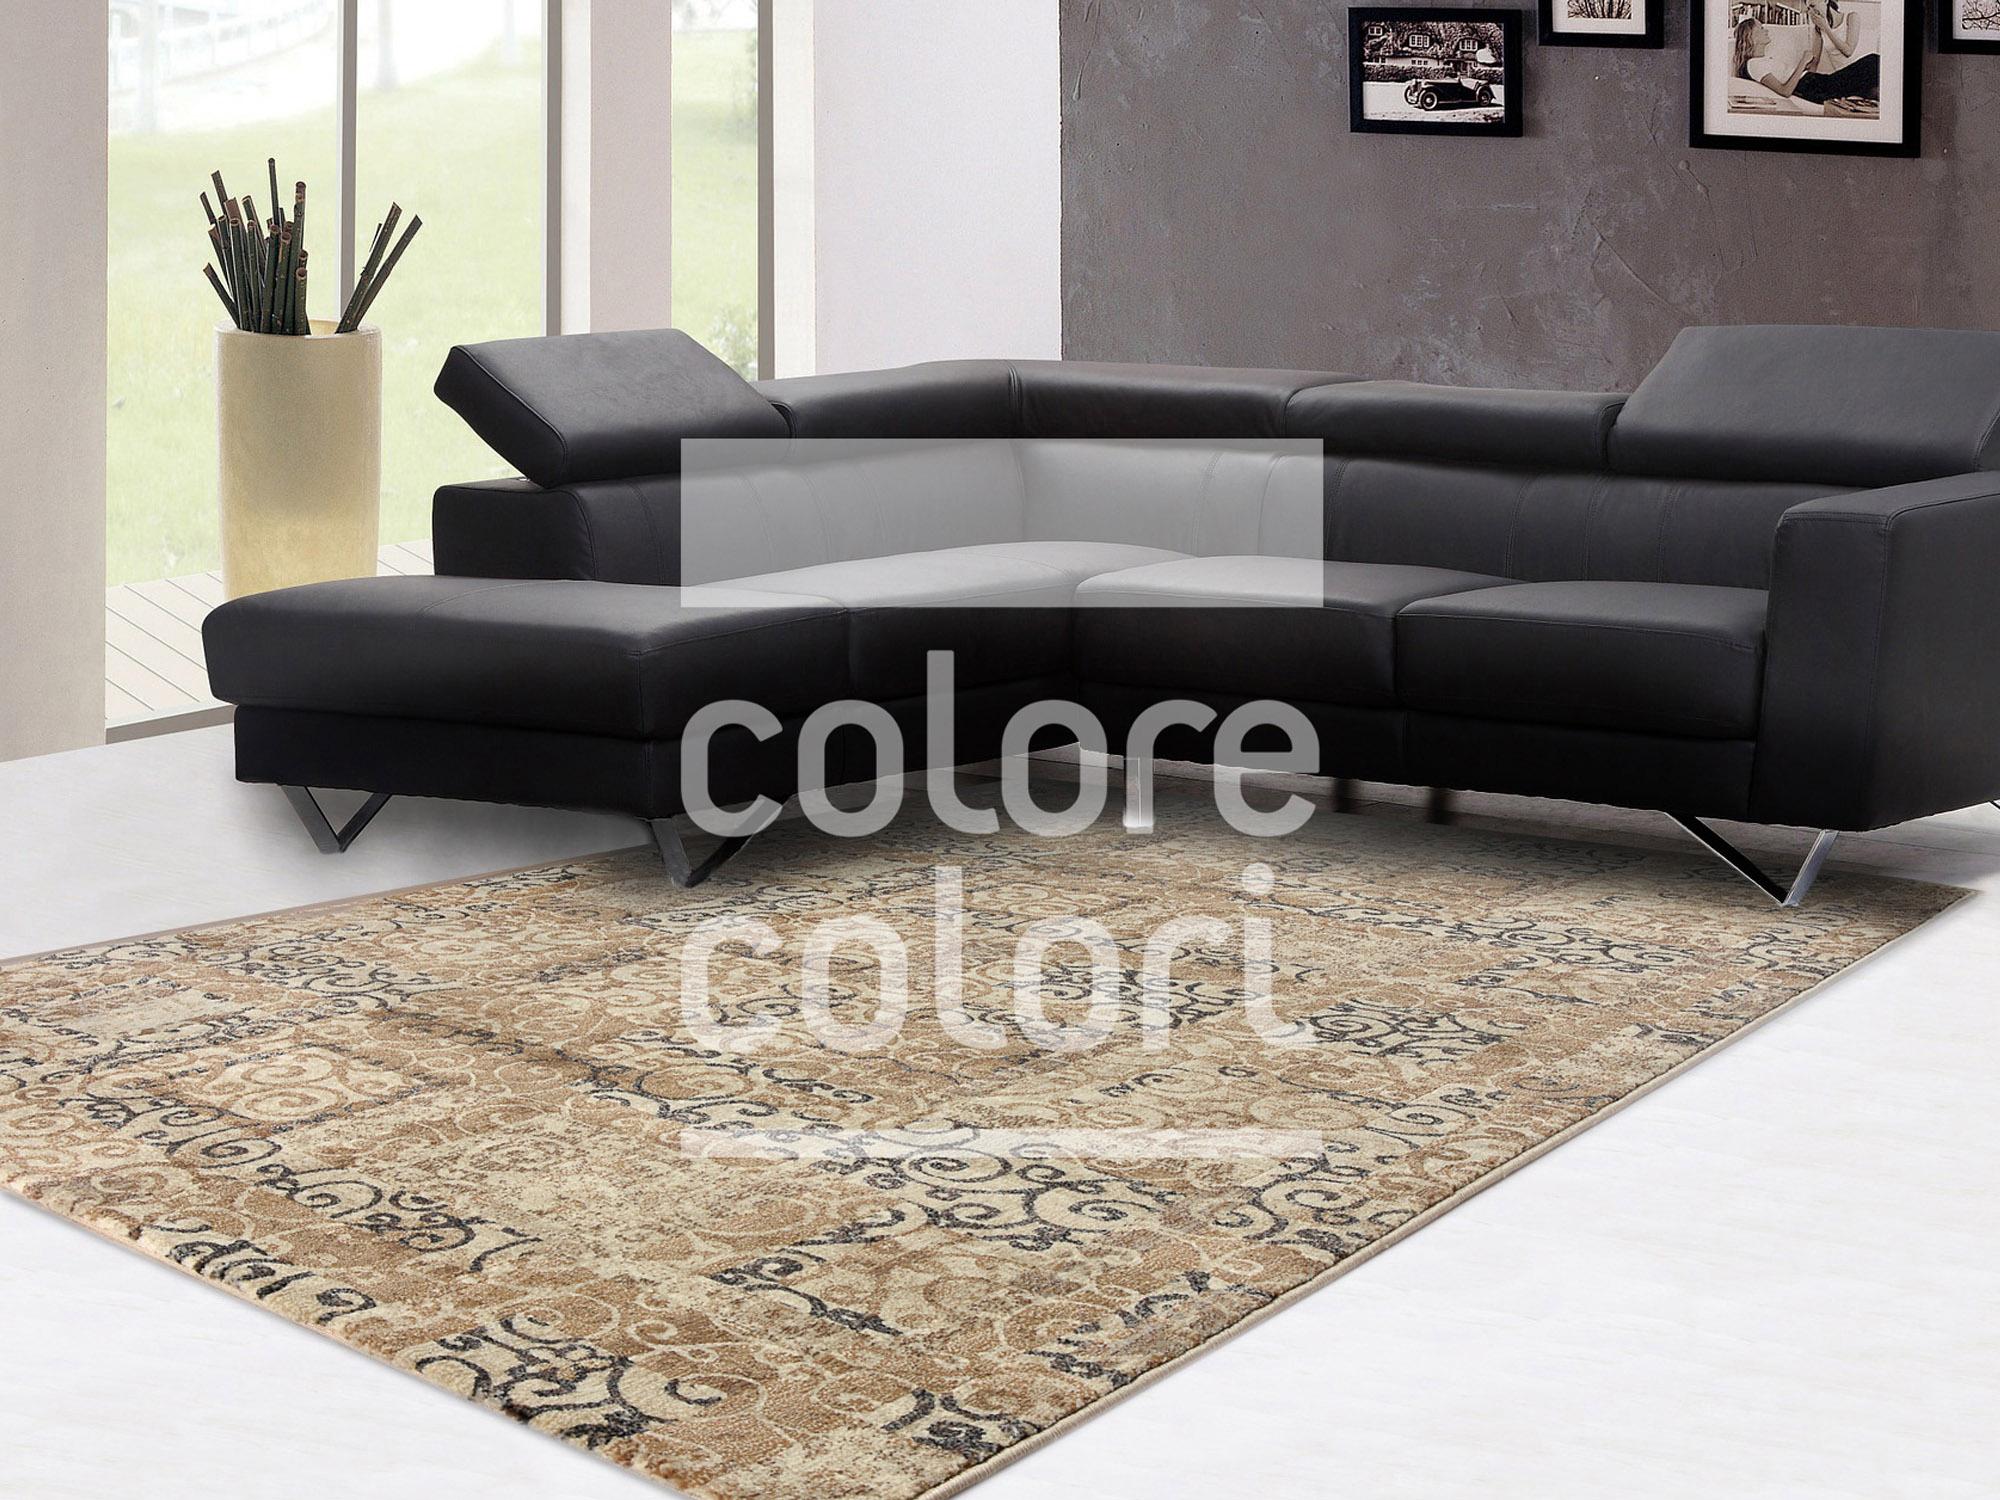 xalia.colori1.alexiadis